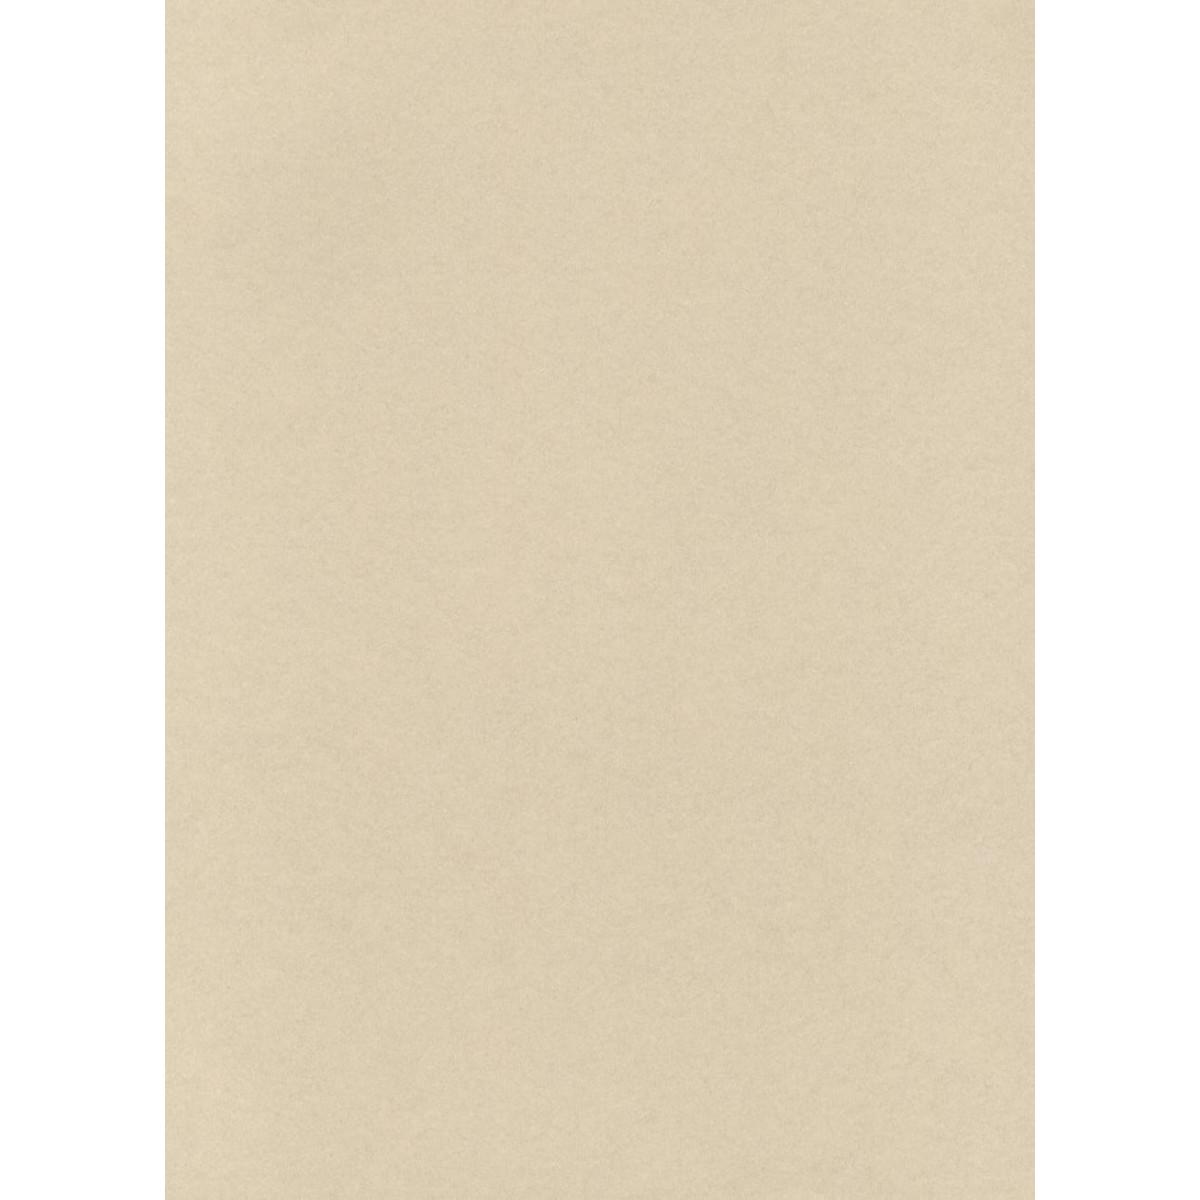 Флизелиновые обои Aura Studio Edition бежевые 346203 0.52 м